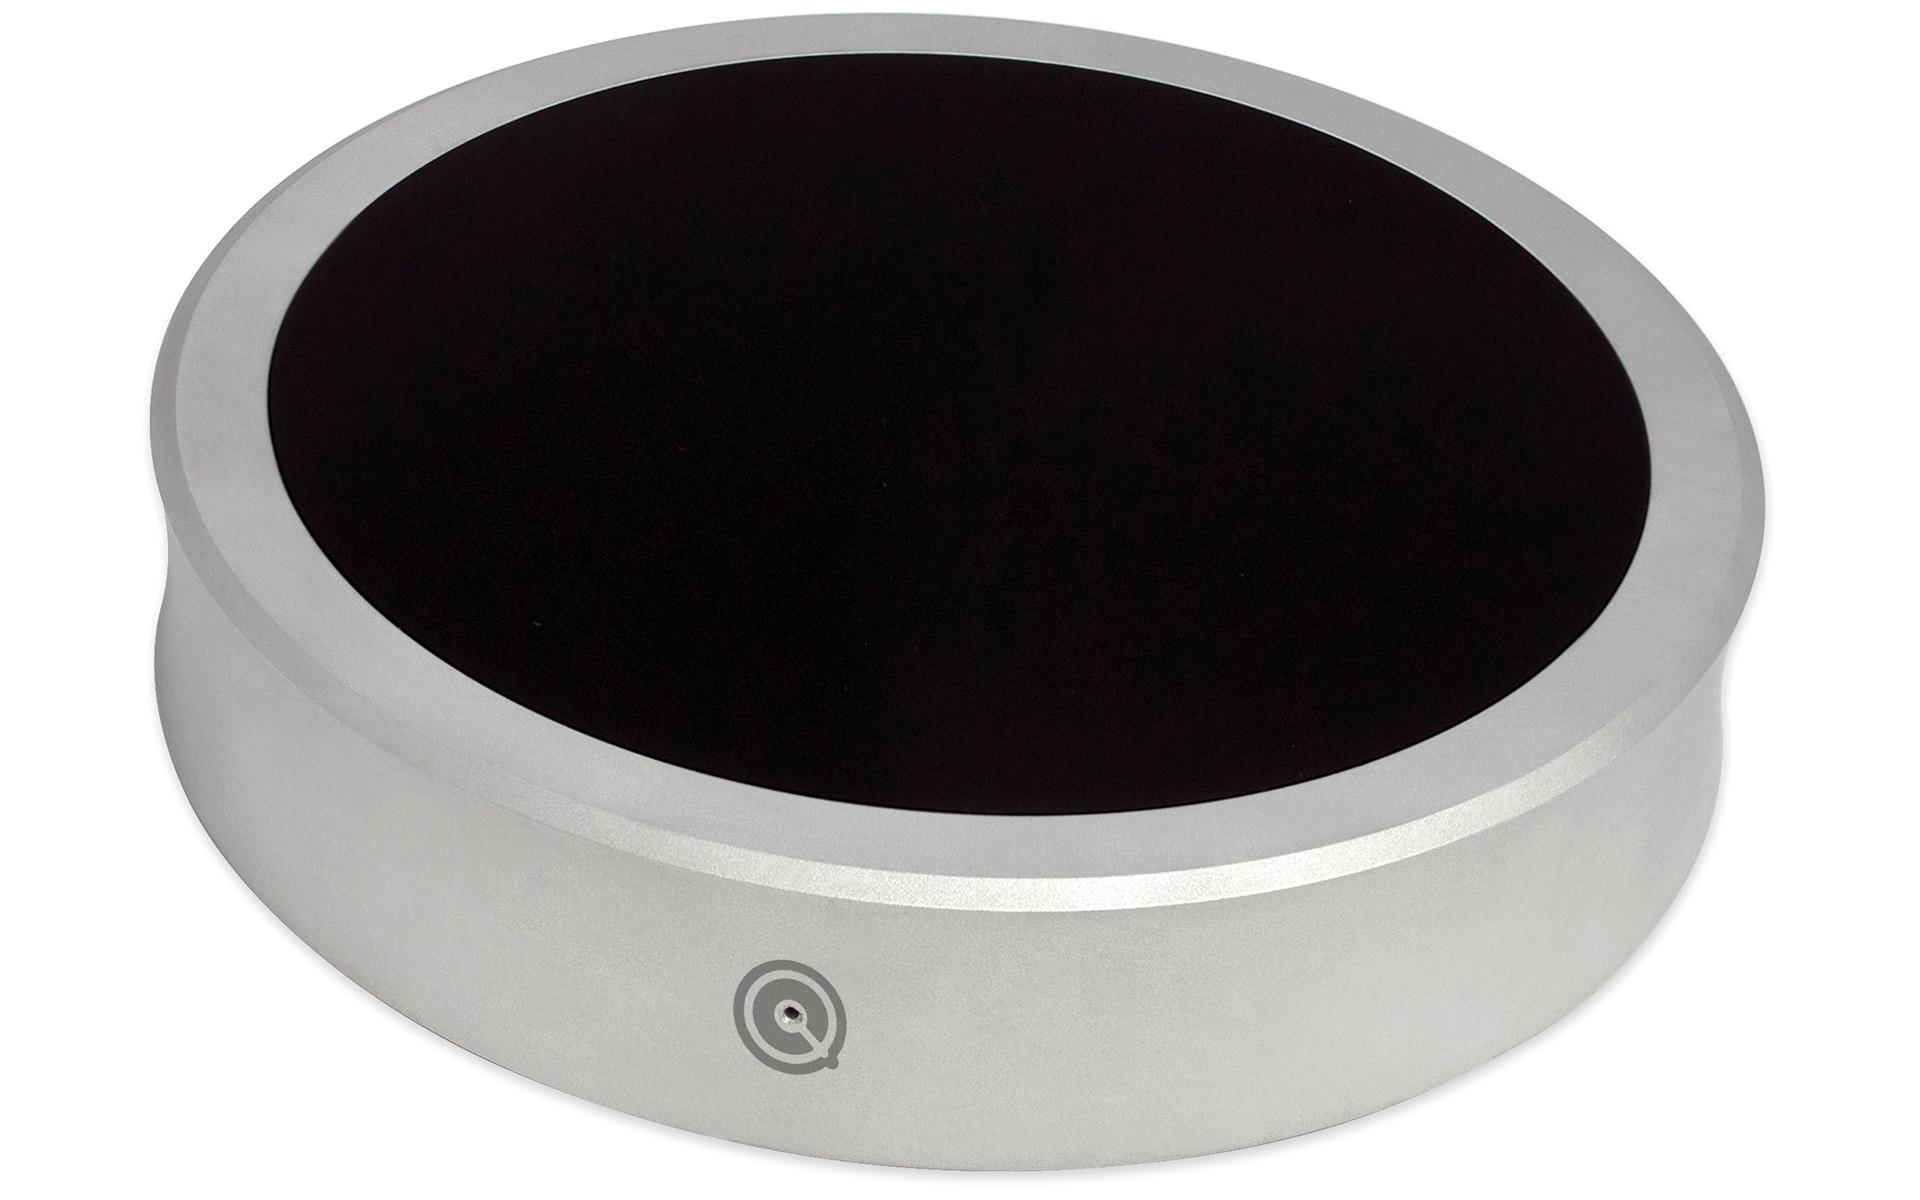 Кабель для тонарма, источник и синхронизатор питания – новинки Nordost на выставке в Мюнхене